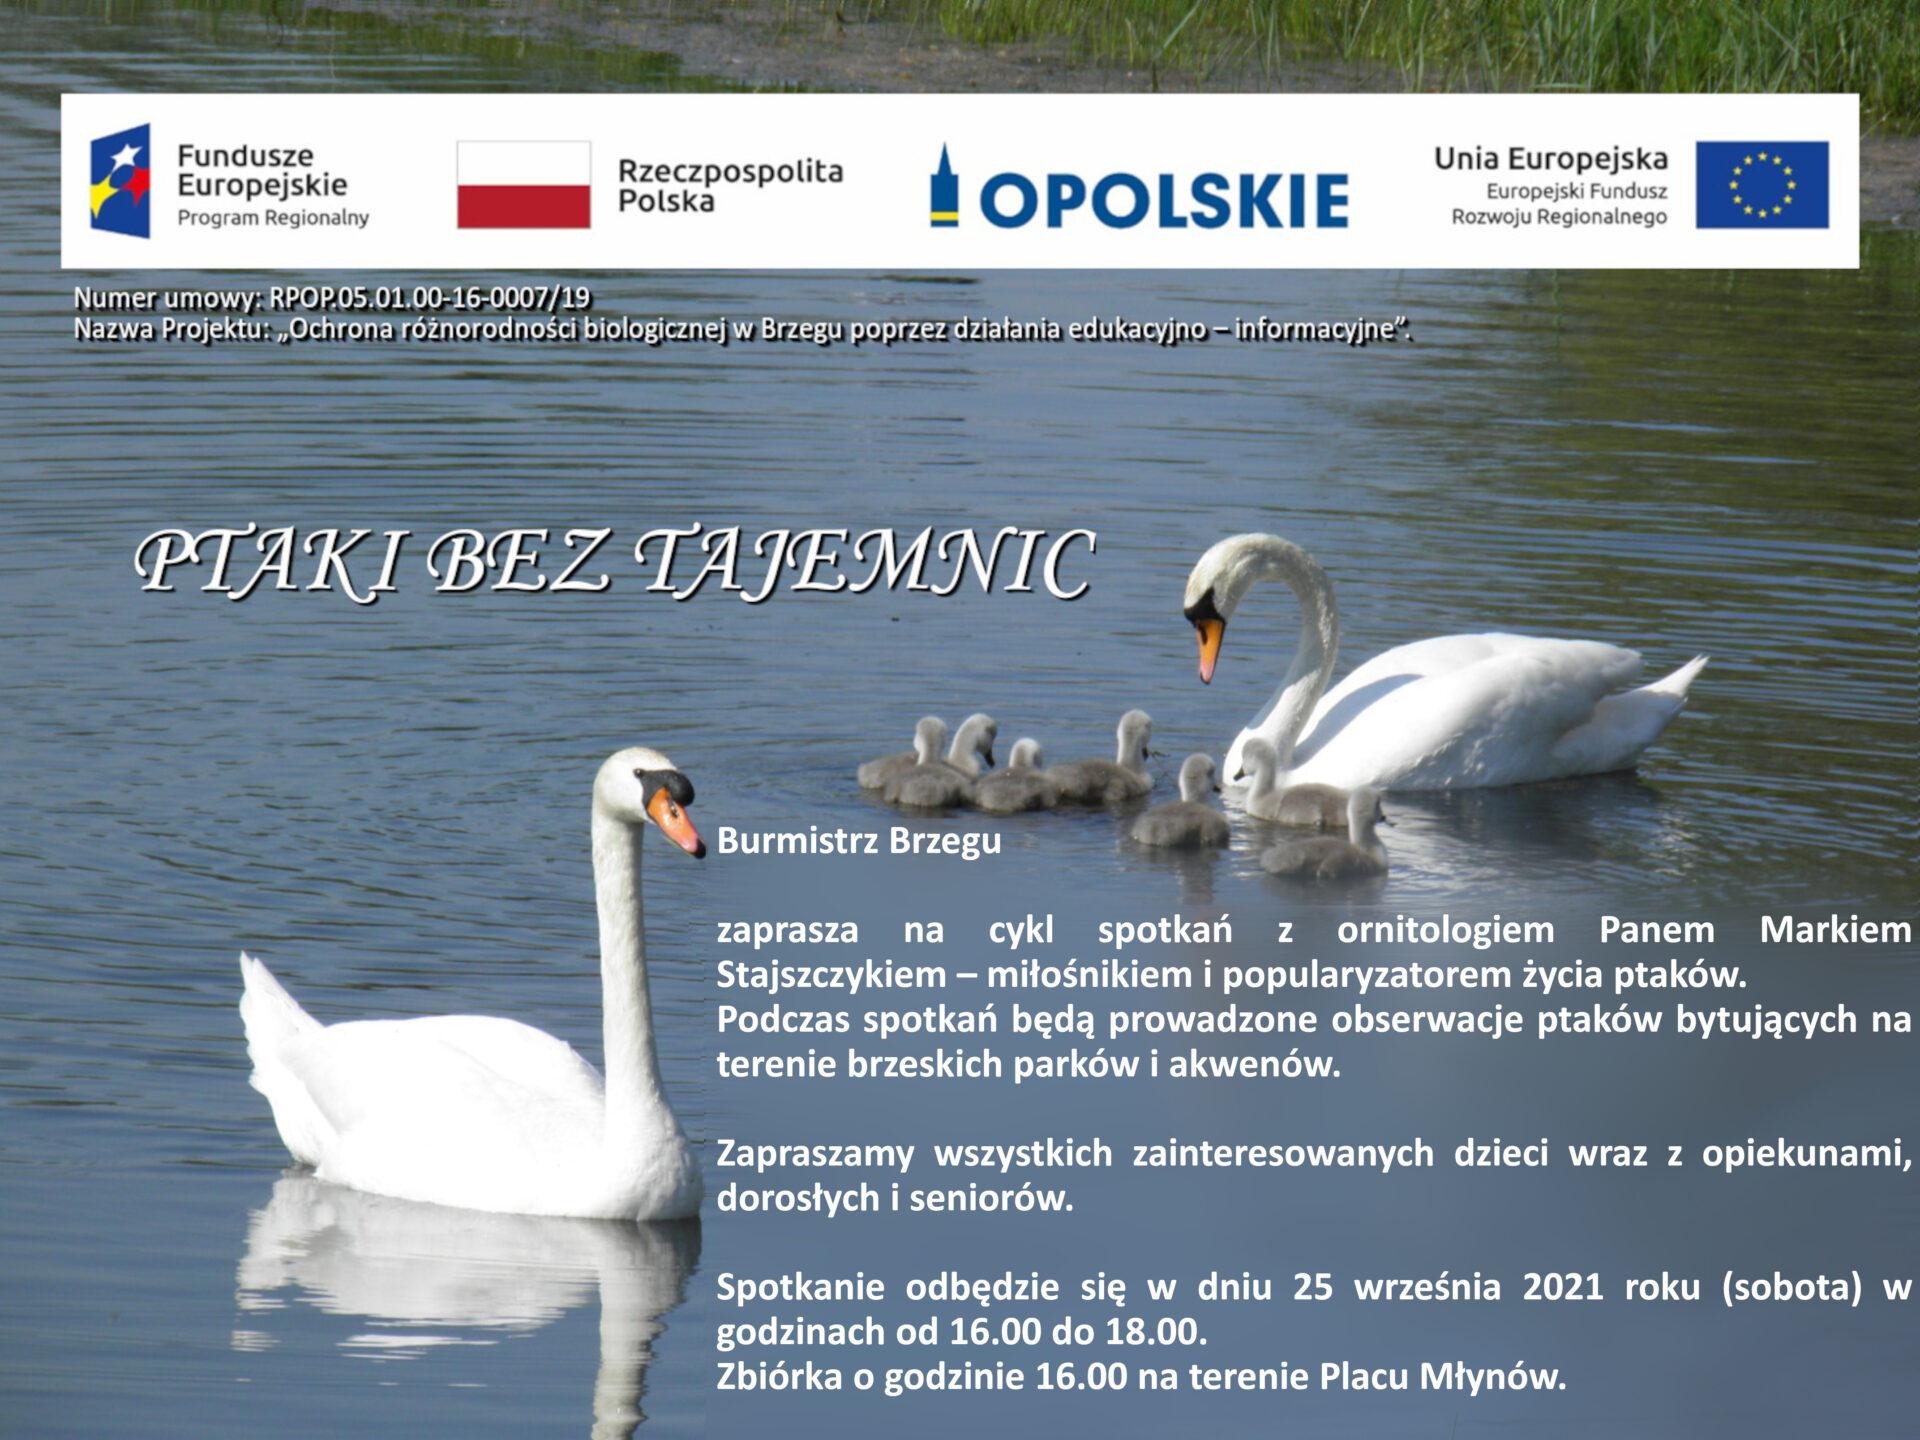 spotkanie z ornitologiem